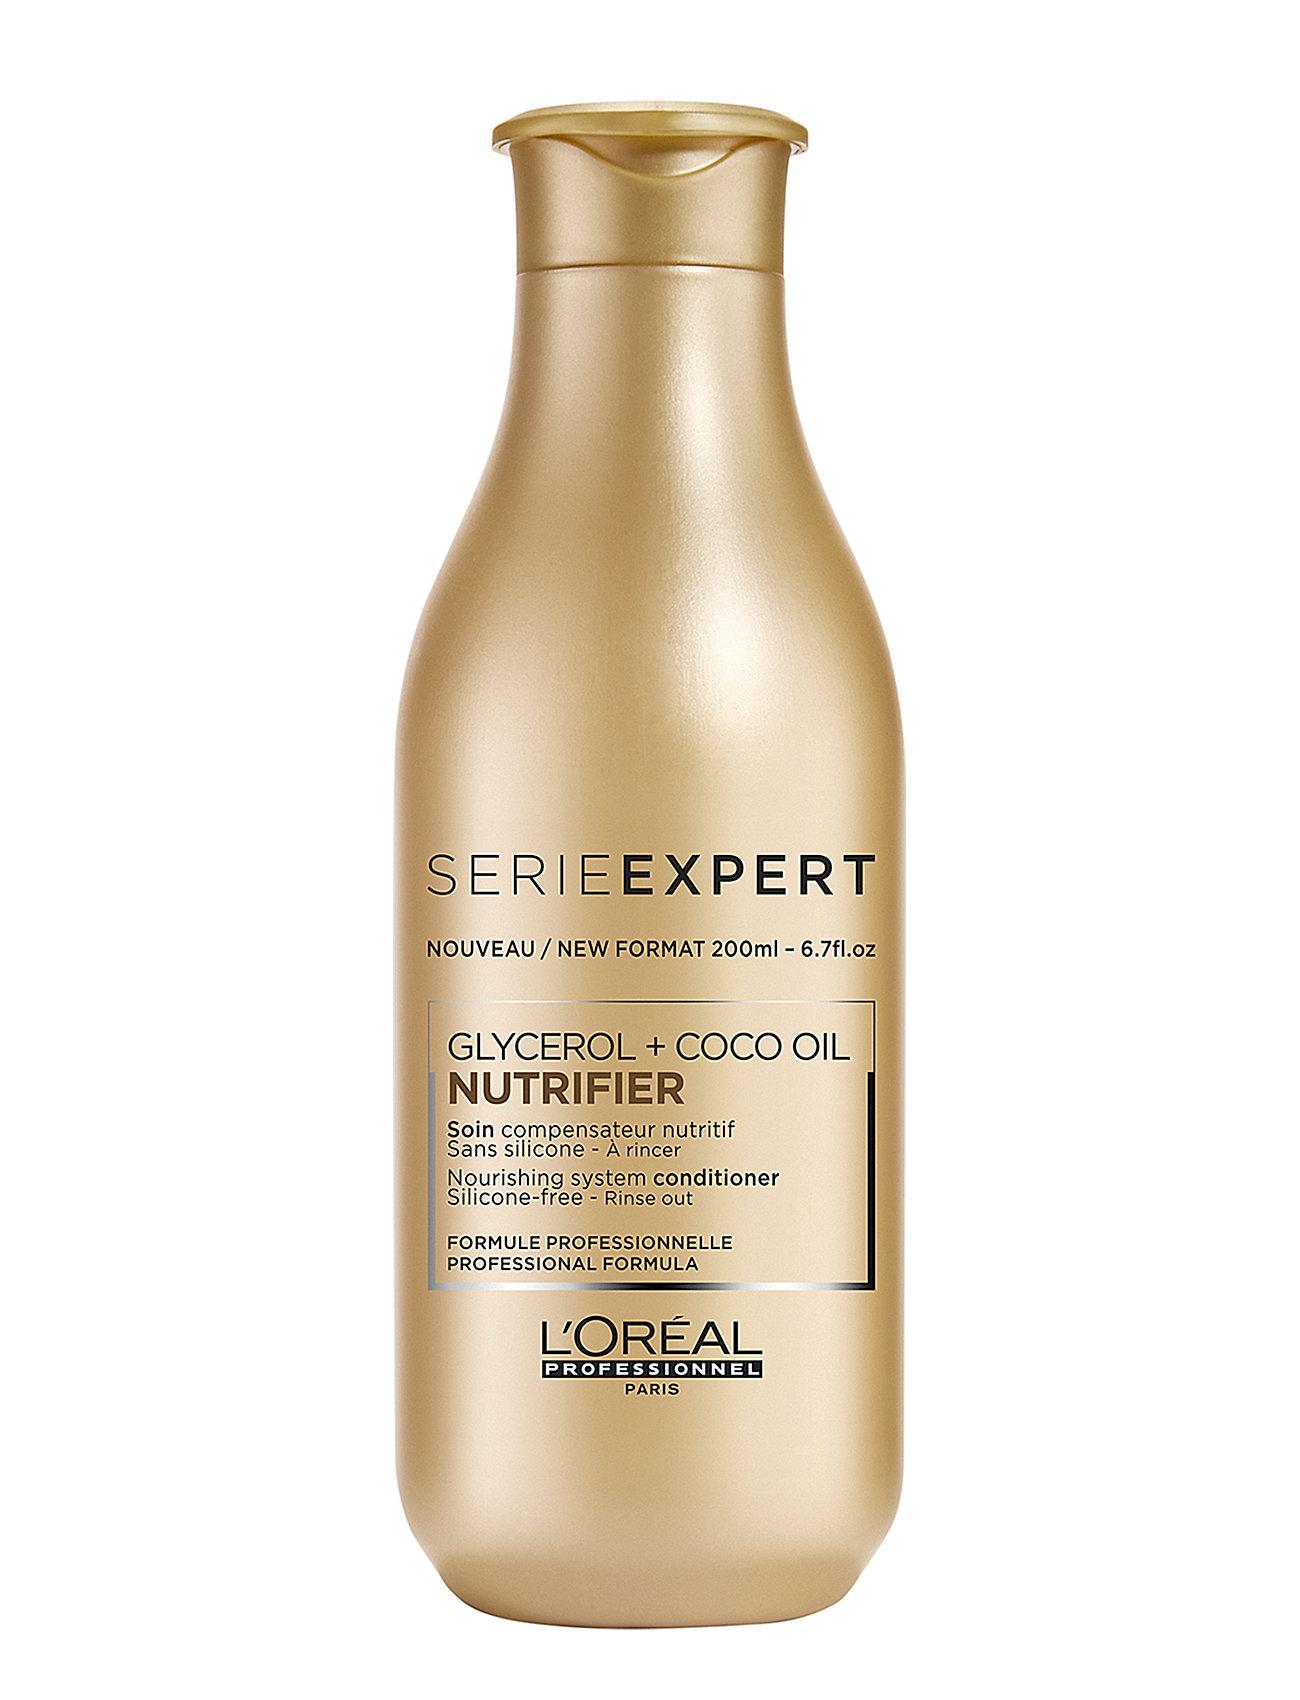 L'OréAl Professionnel Nutrifier Conditioner - L'Oréal Professionnel